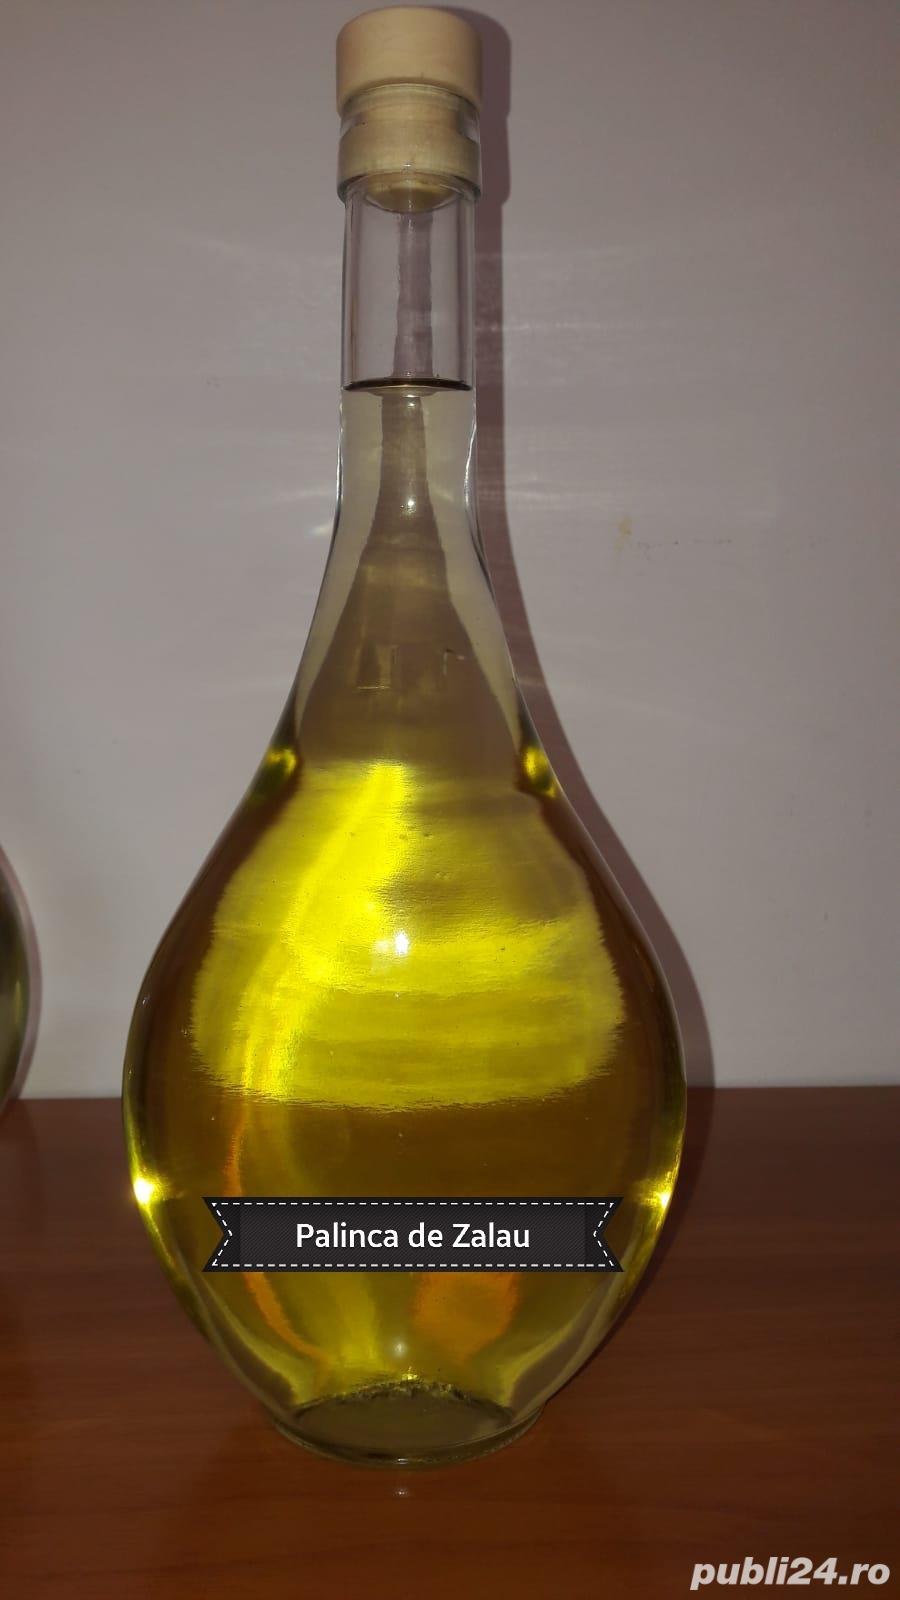 Vand palinca de Pere, Piersici, Prune, Gutui